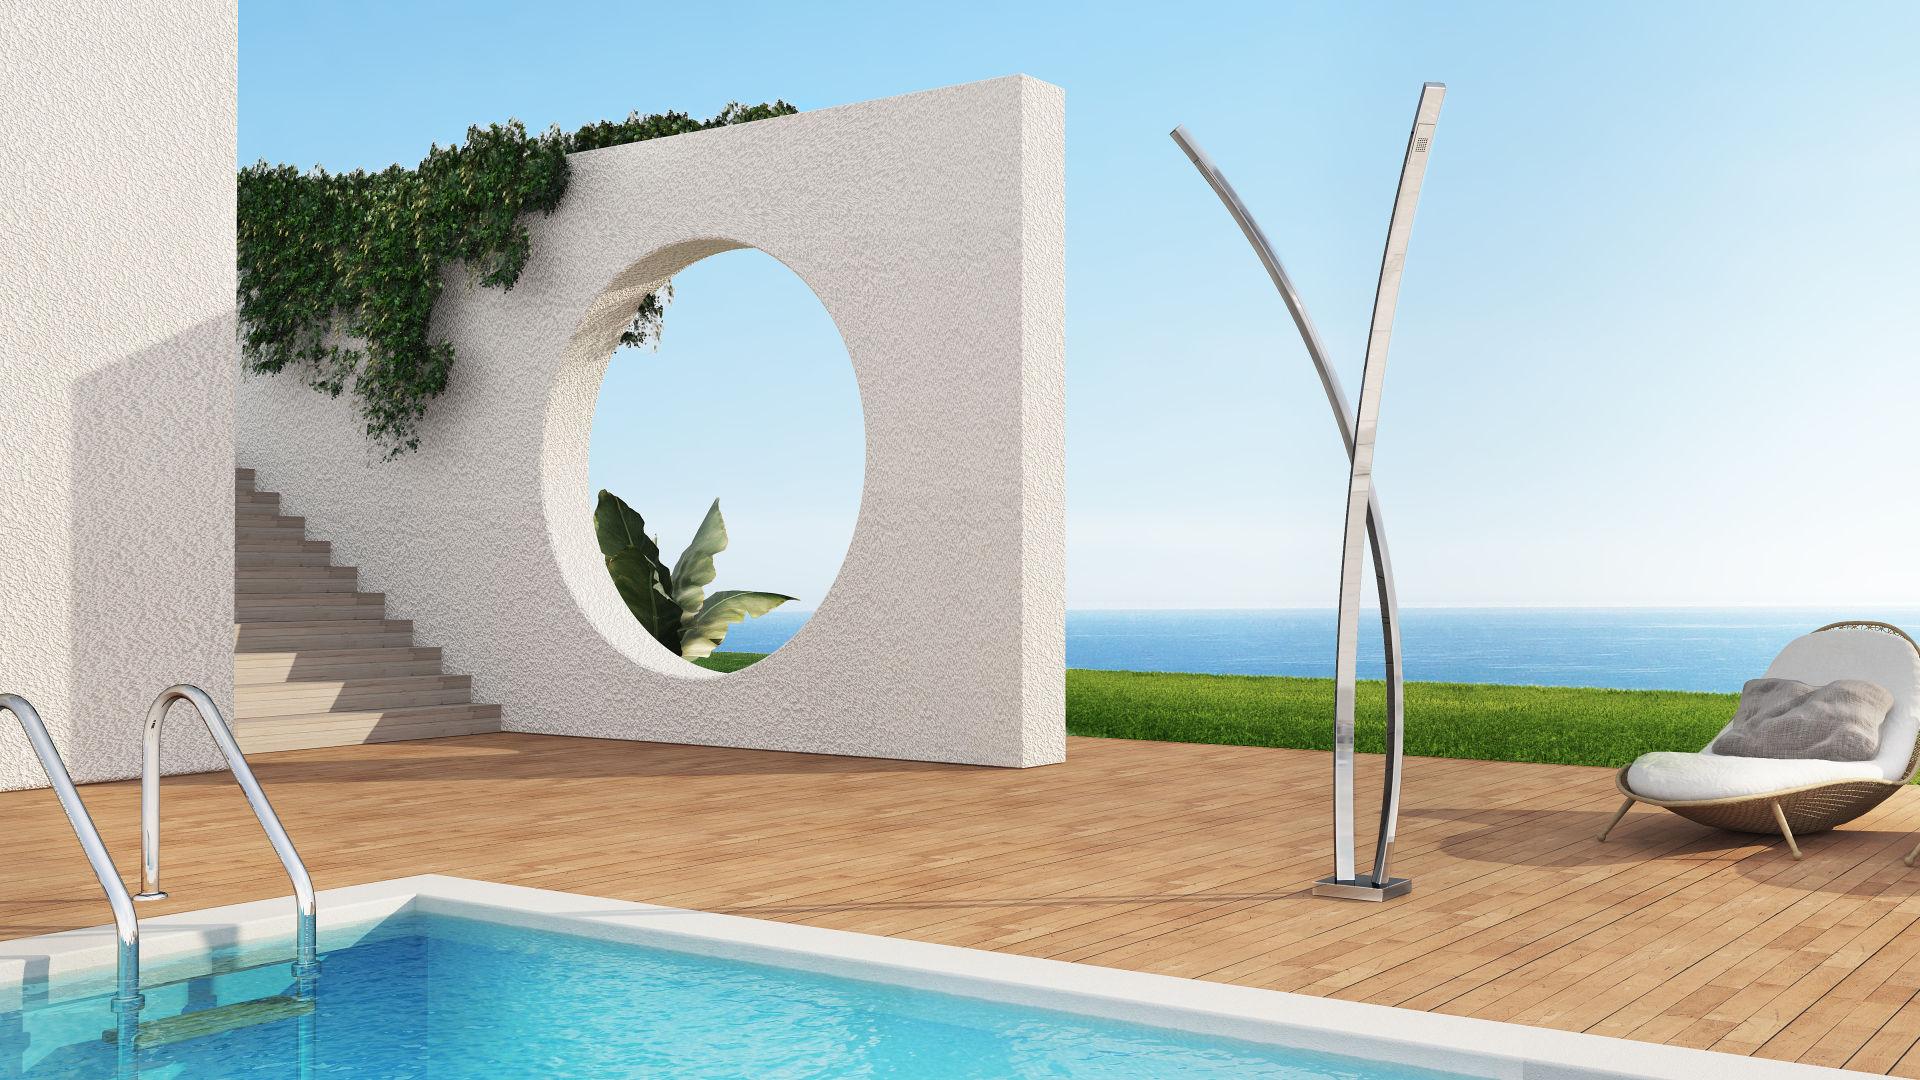 Las ventajas de instalar una ducha de exterior - Duchas piscinas exterior ...